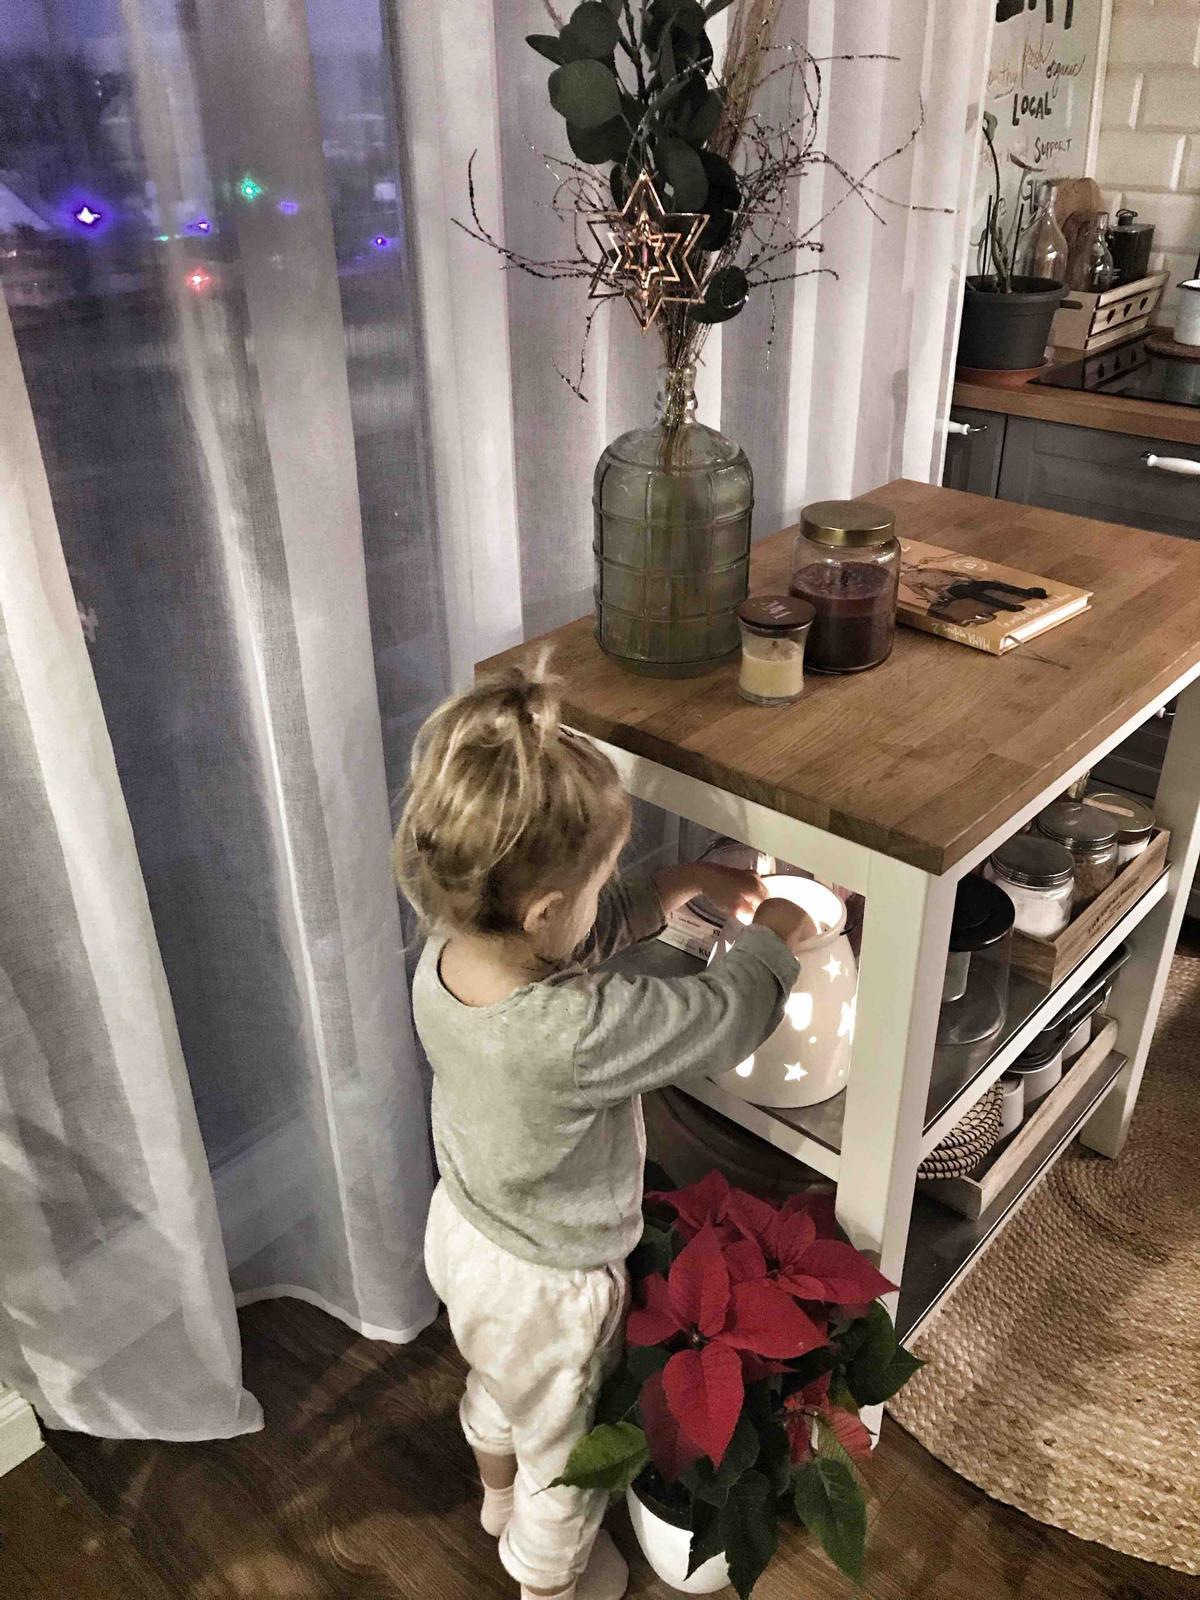 Vianočné svetielka - Obrázok č. 1